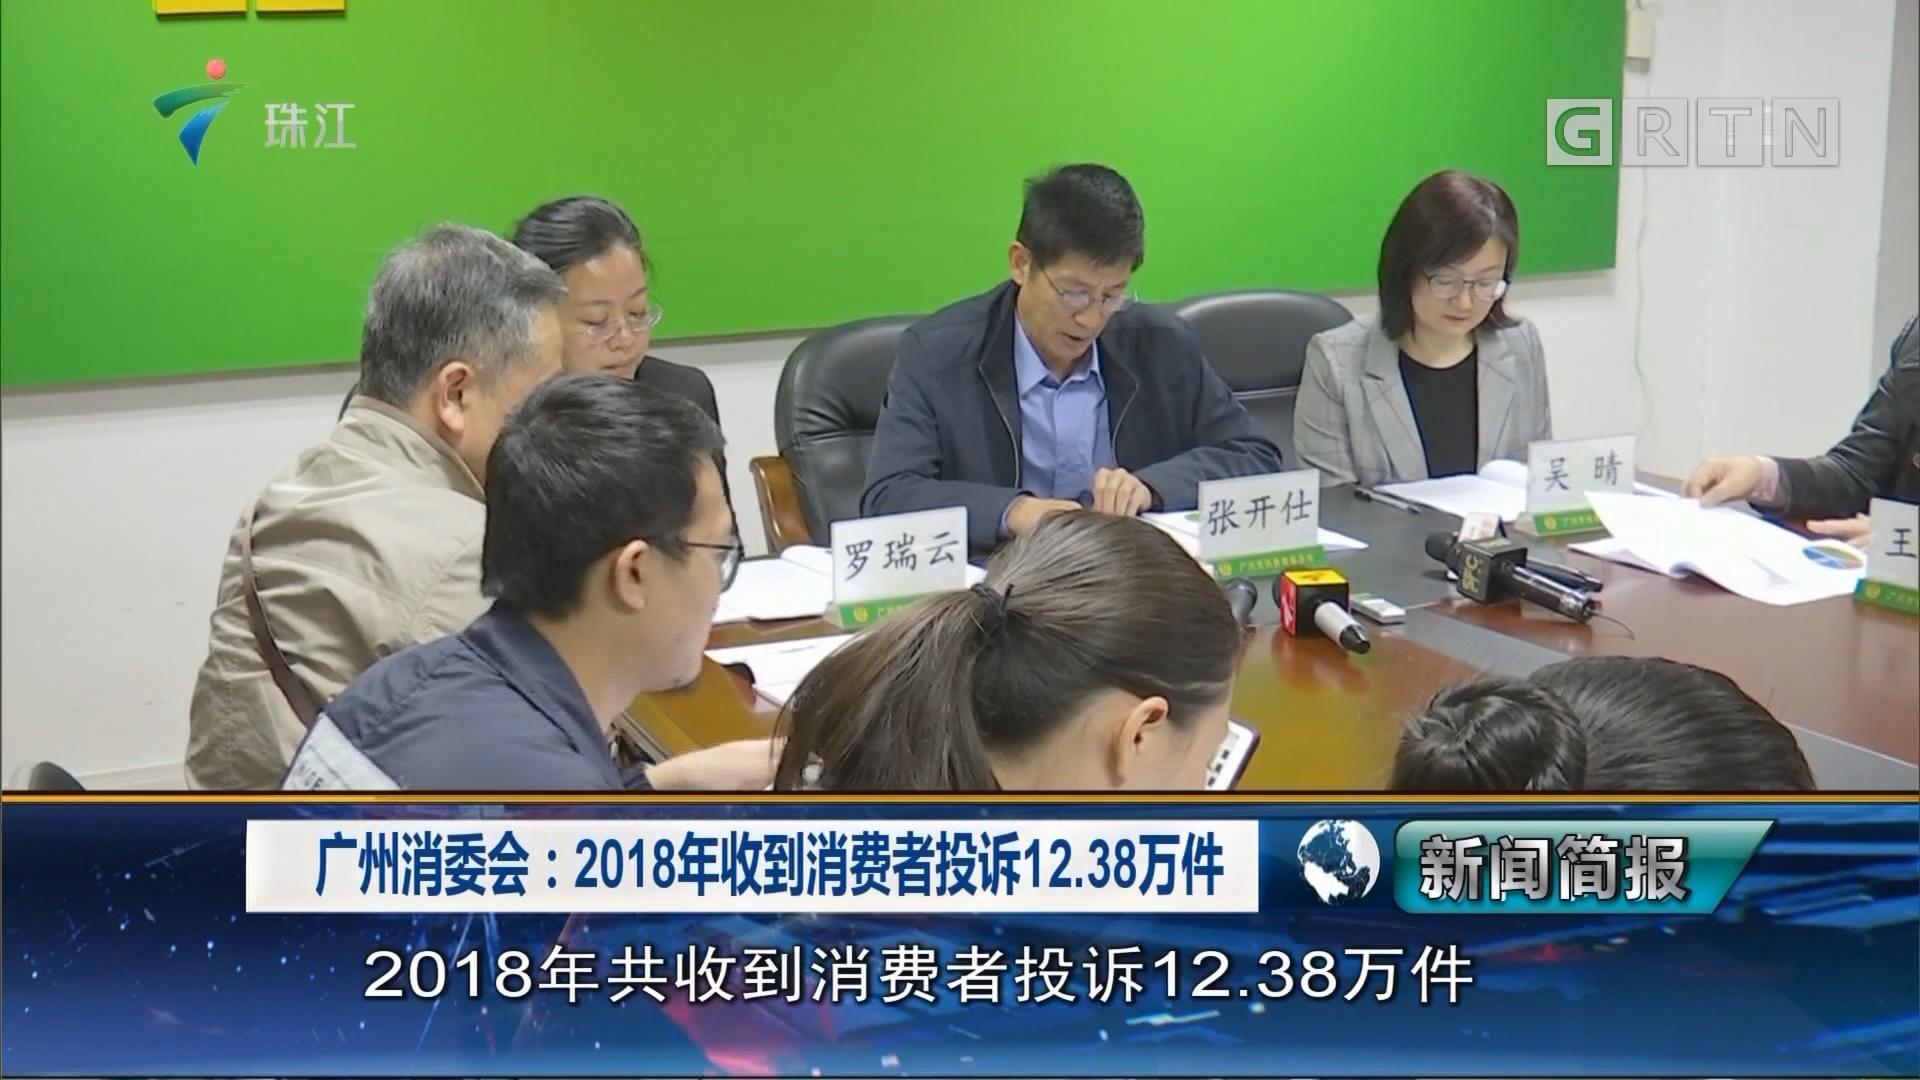 广州消委会:2018年收到消费者投诉12.38万件